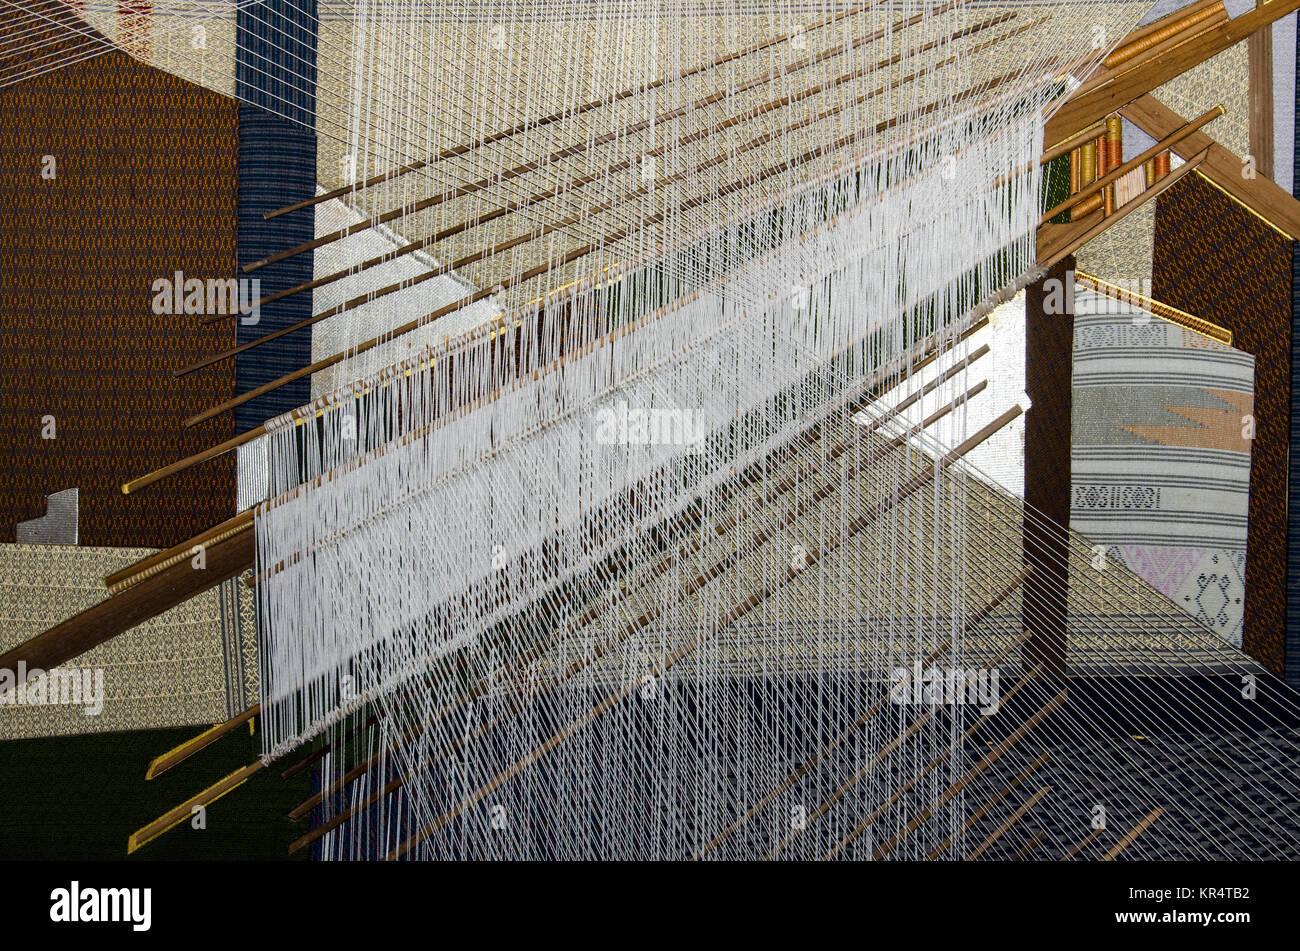 La soie thaïlandaise traditionnel processus de tissage à la main Banque D'Images